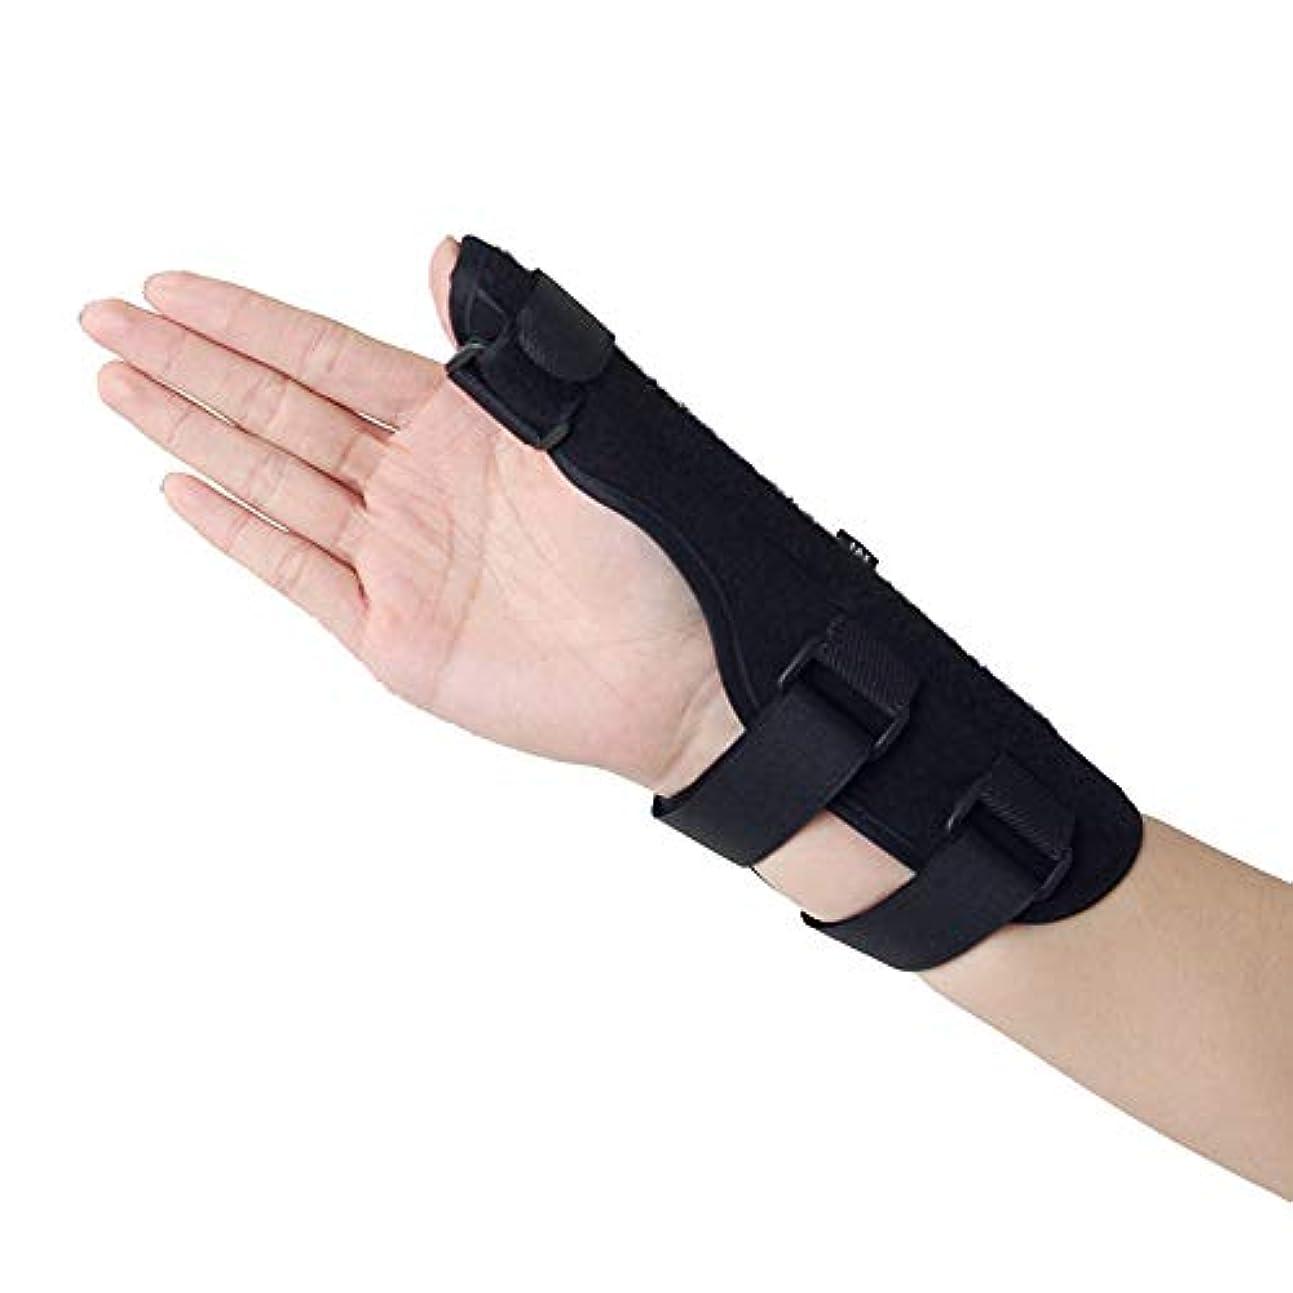 ギターファン乞食親指サポート、手首サポート、関節炎、関節痛、腱炎、捻rain、手の不安定性イモビライザーに最適軽量で通気性